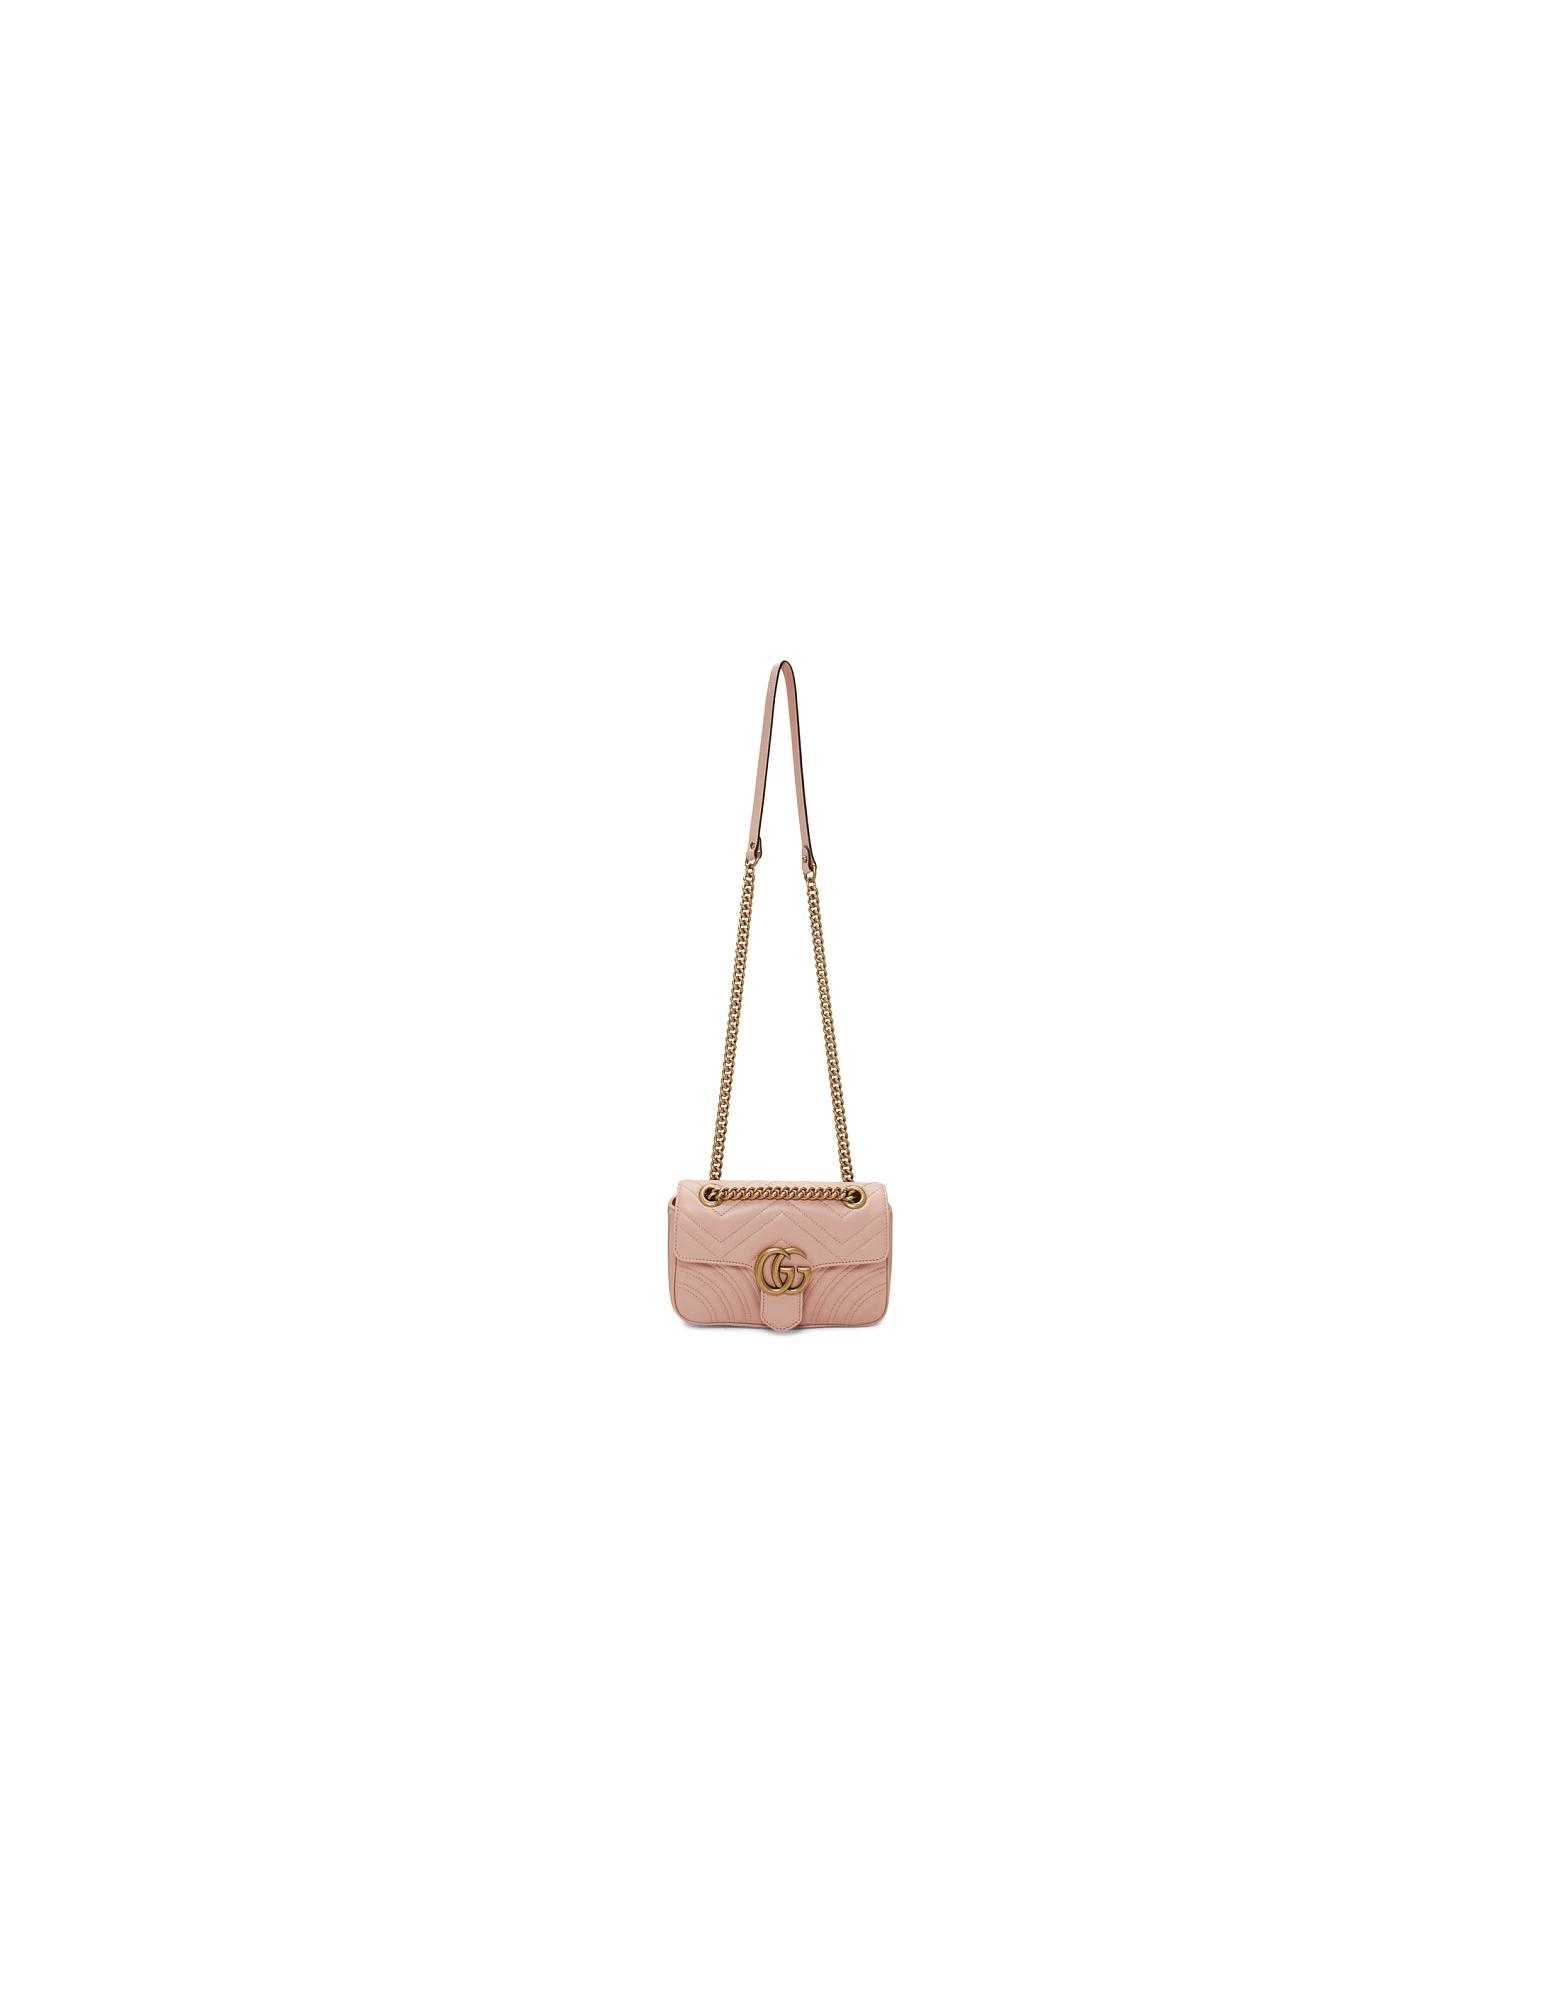 Gucci Designer Handbags, Pink Mini Marmont Bag